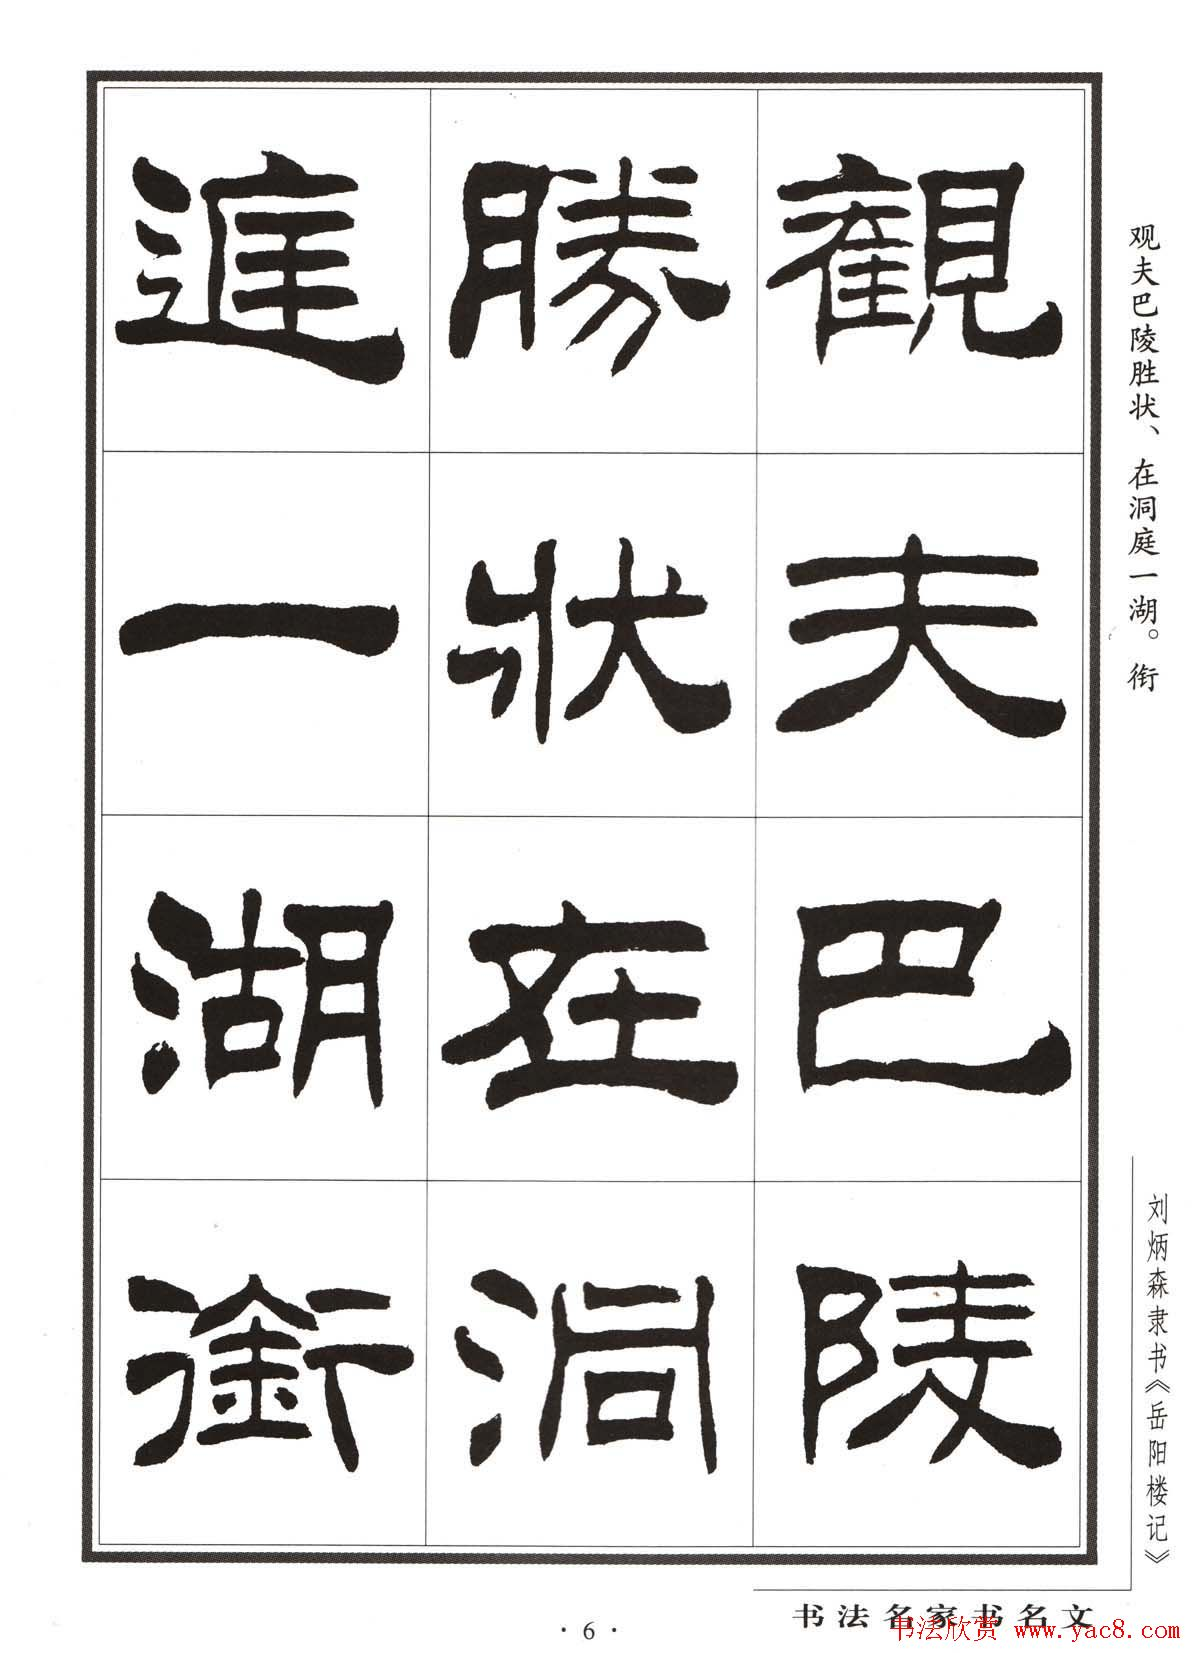 刘炳森隶书字帖欣赏《岳阳楼记》(6)图片